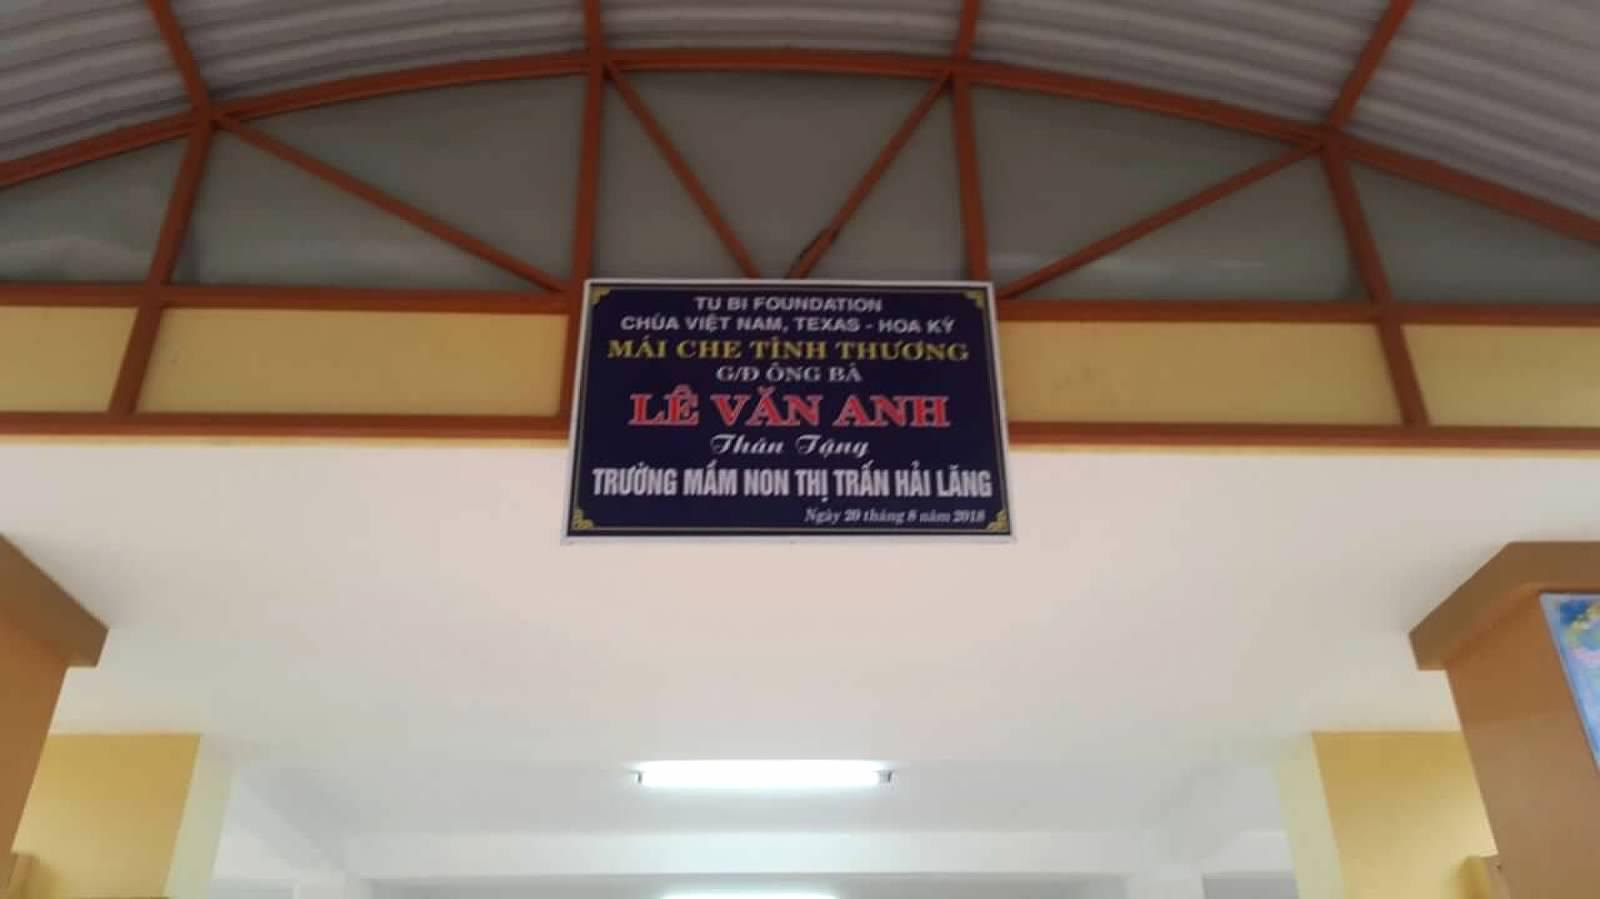 2018.12.25-MáiChe-TrườngMầmNon-HảiThọ-HảiLăng-13